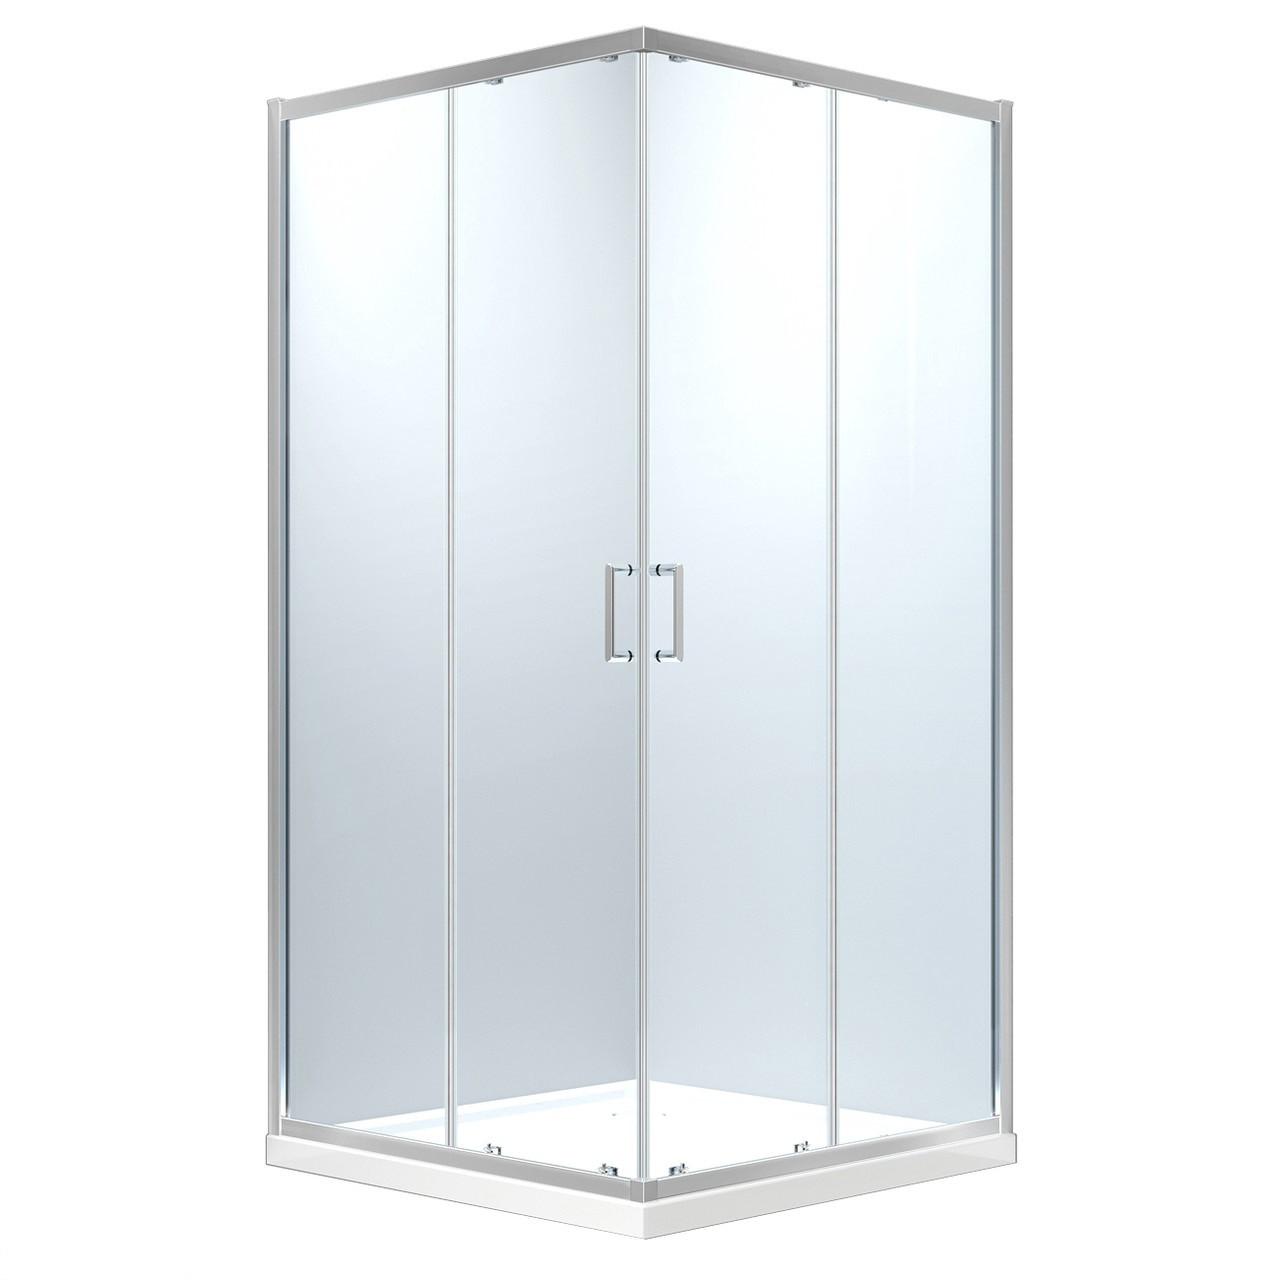 HÉVÍZ Душевая кабина квадратная 900*900*1950мм(стекла+двери), стекло прозрачное  6 мм, профиль хром